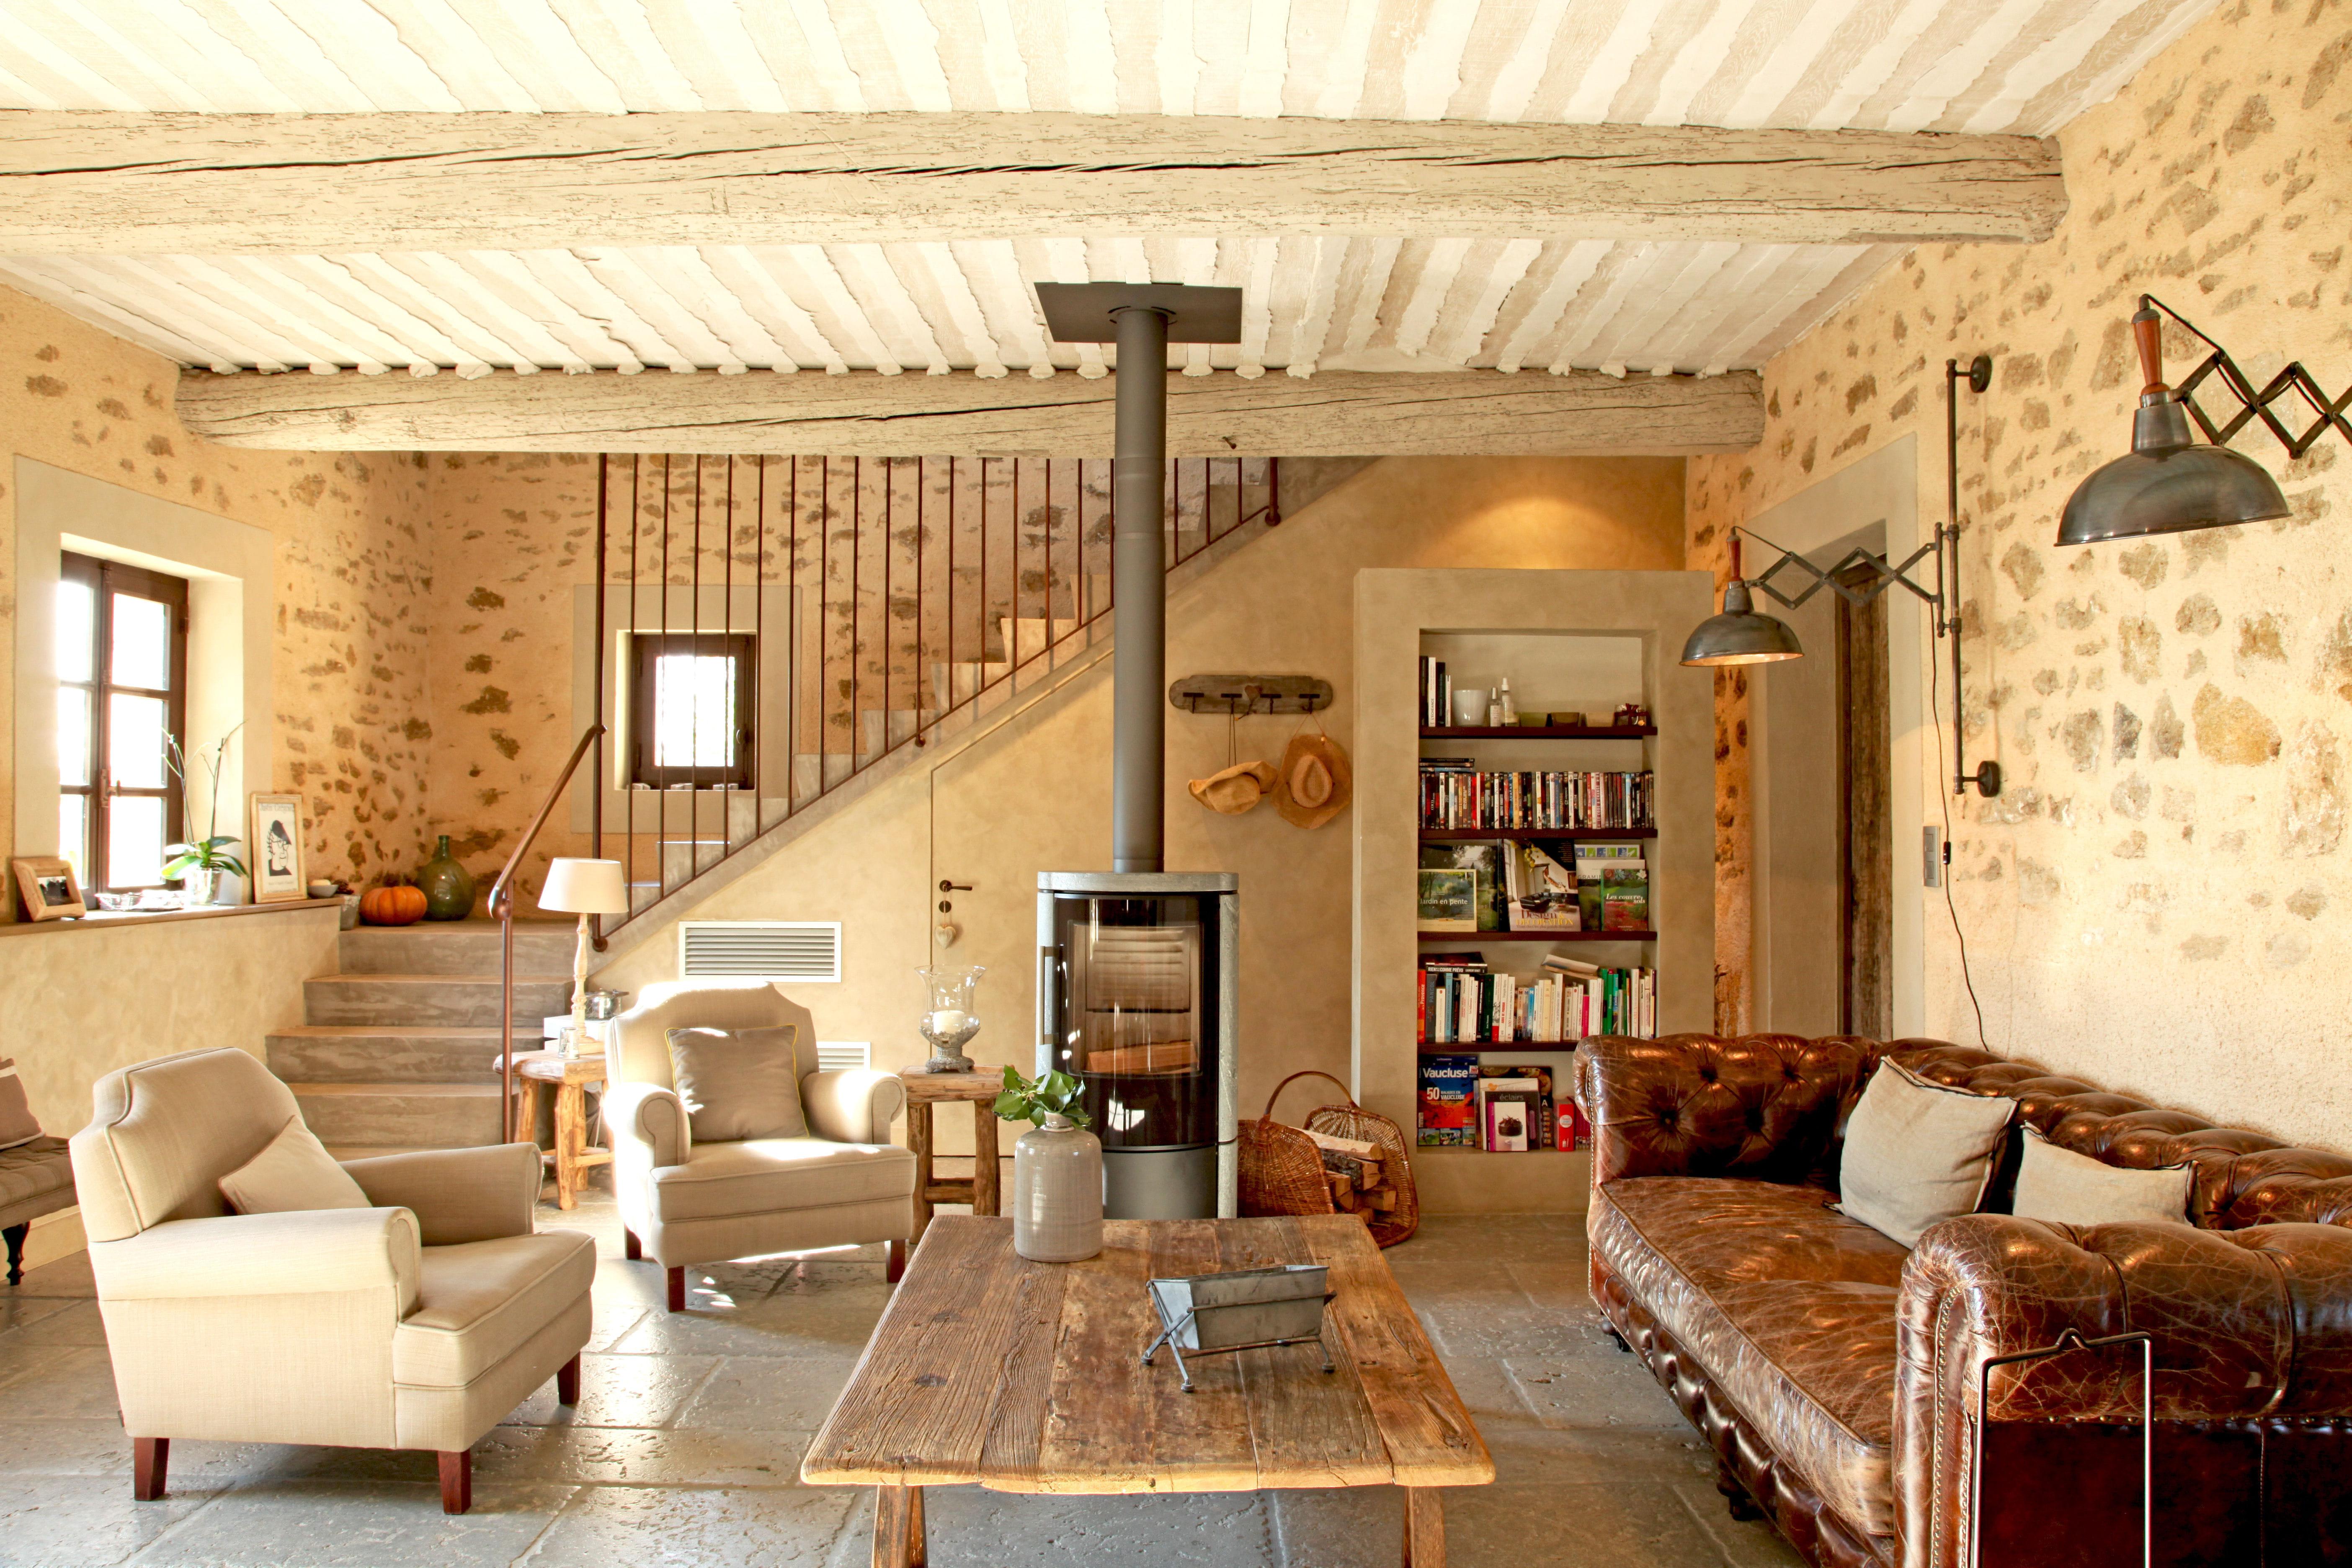 Salon Poele A Bois #15: Je Veux Le Même à La Maison : Un Salon Cosy Avec Poêle à Bois .